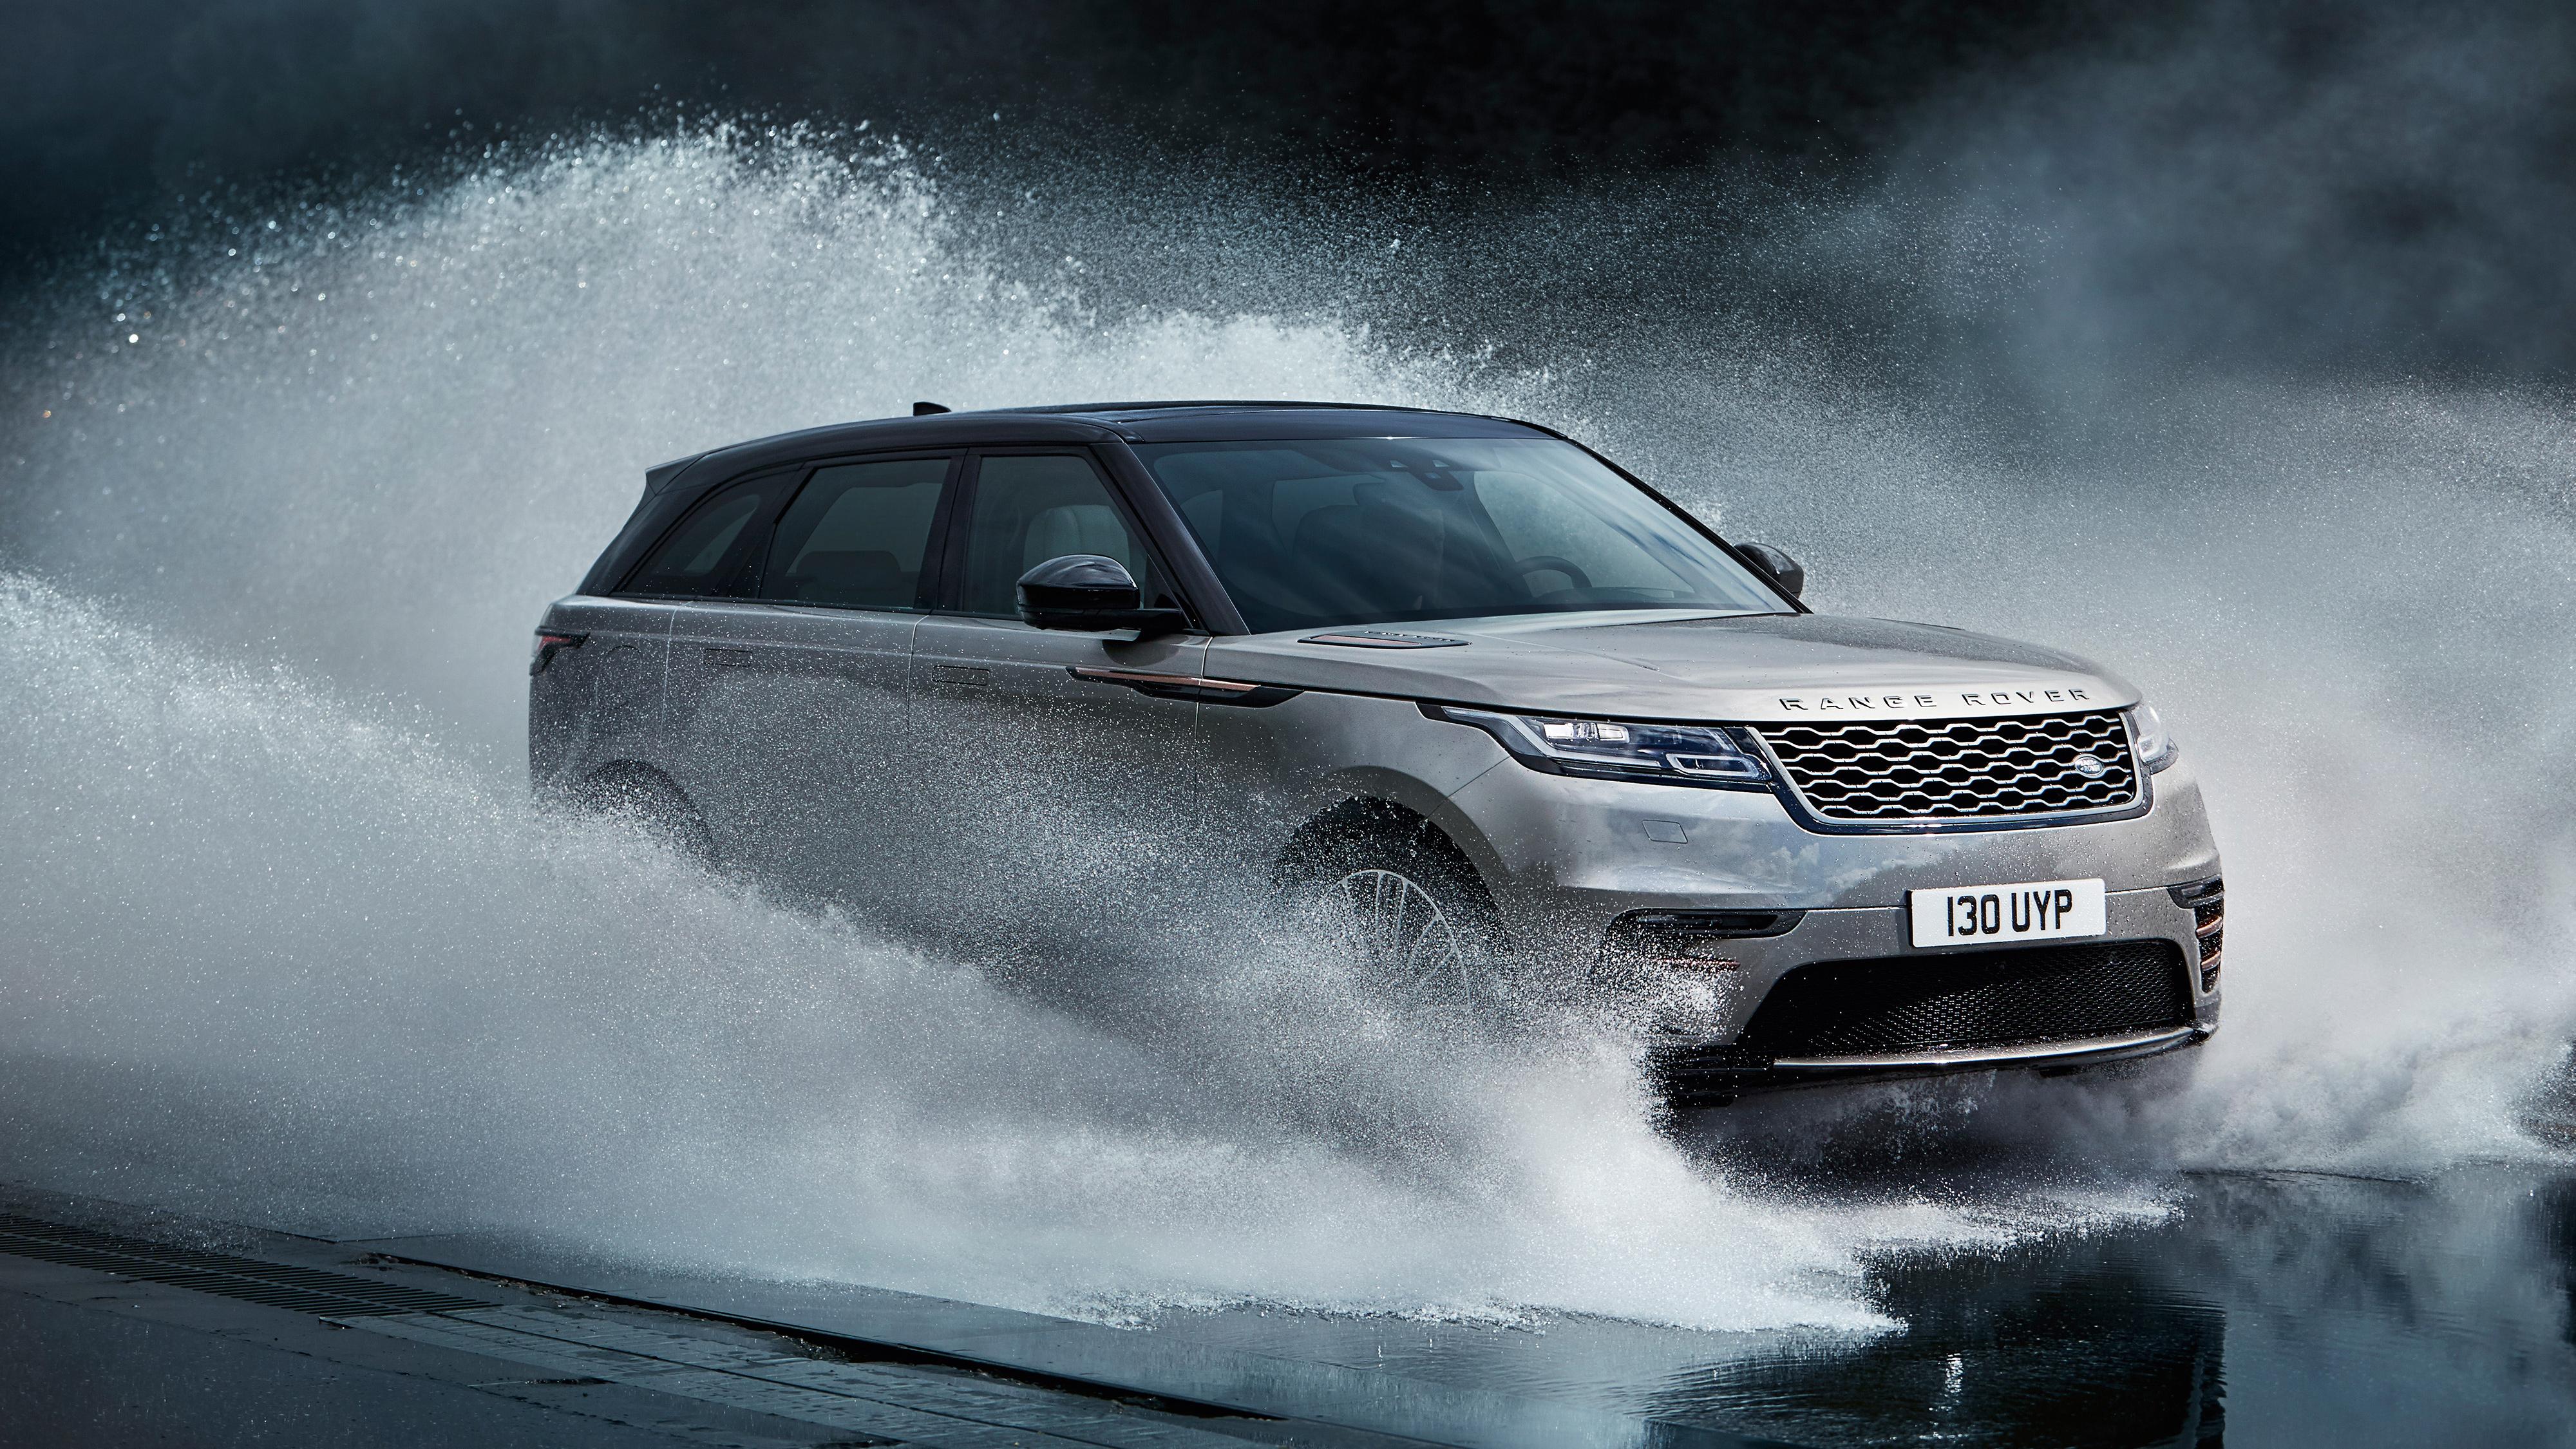 Range Rover Velar 2018 4k Hd Cars 4k Wallpapers Images